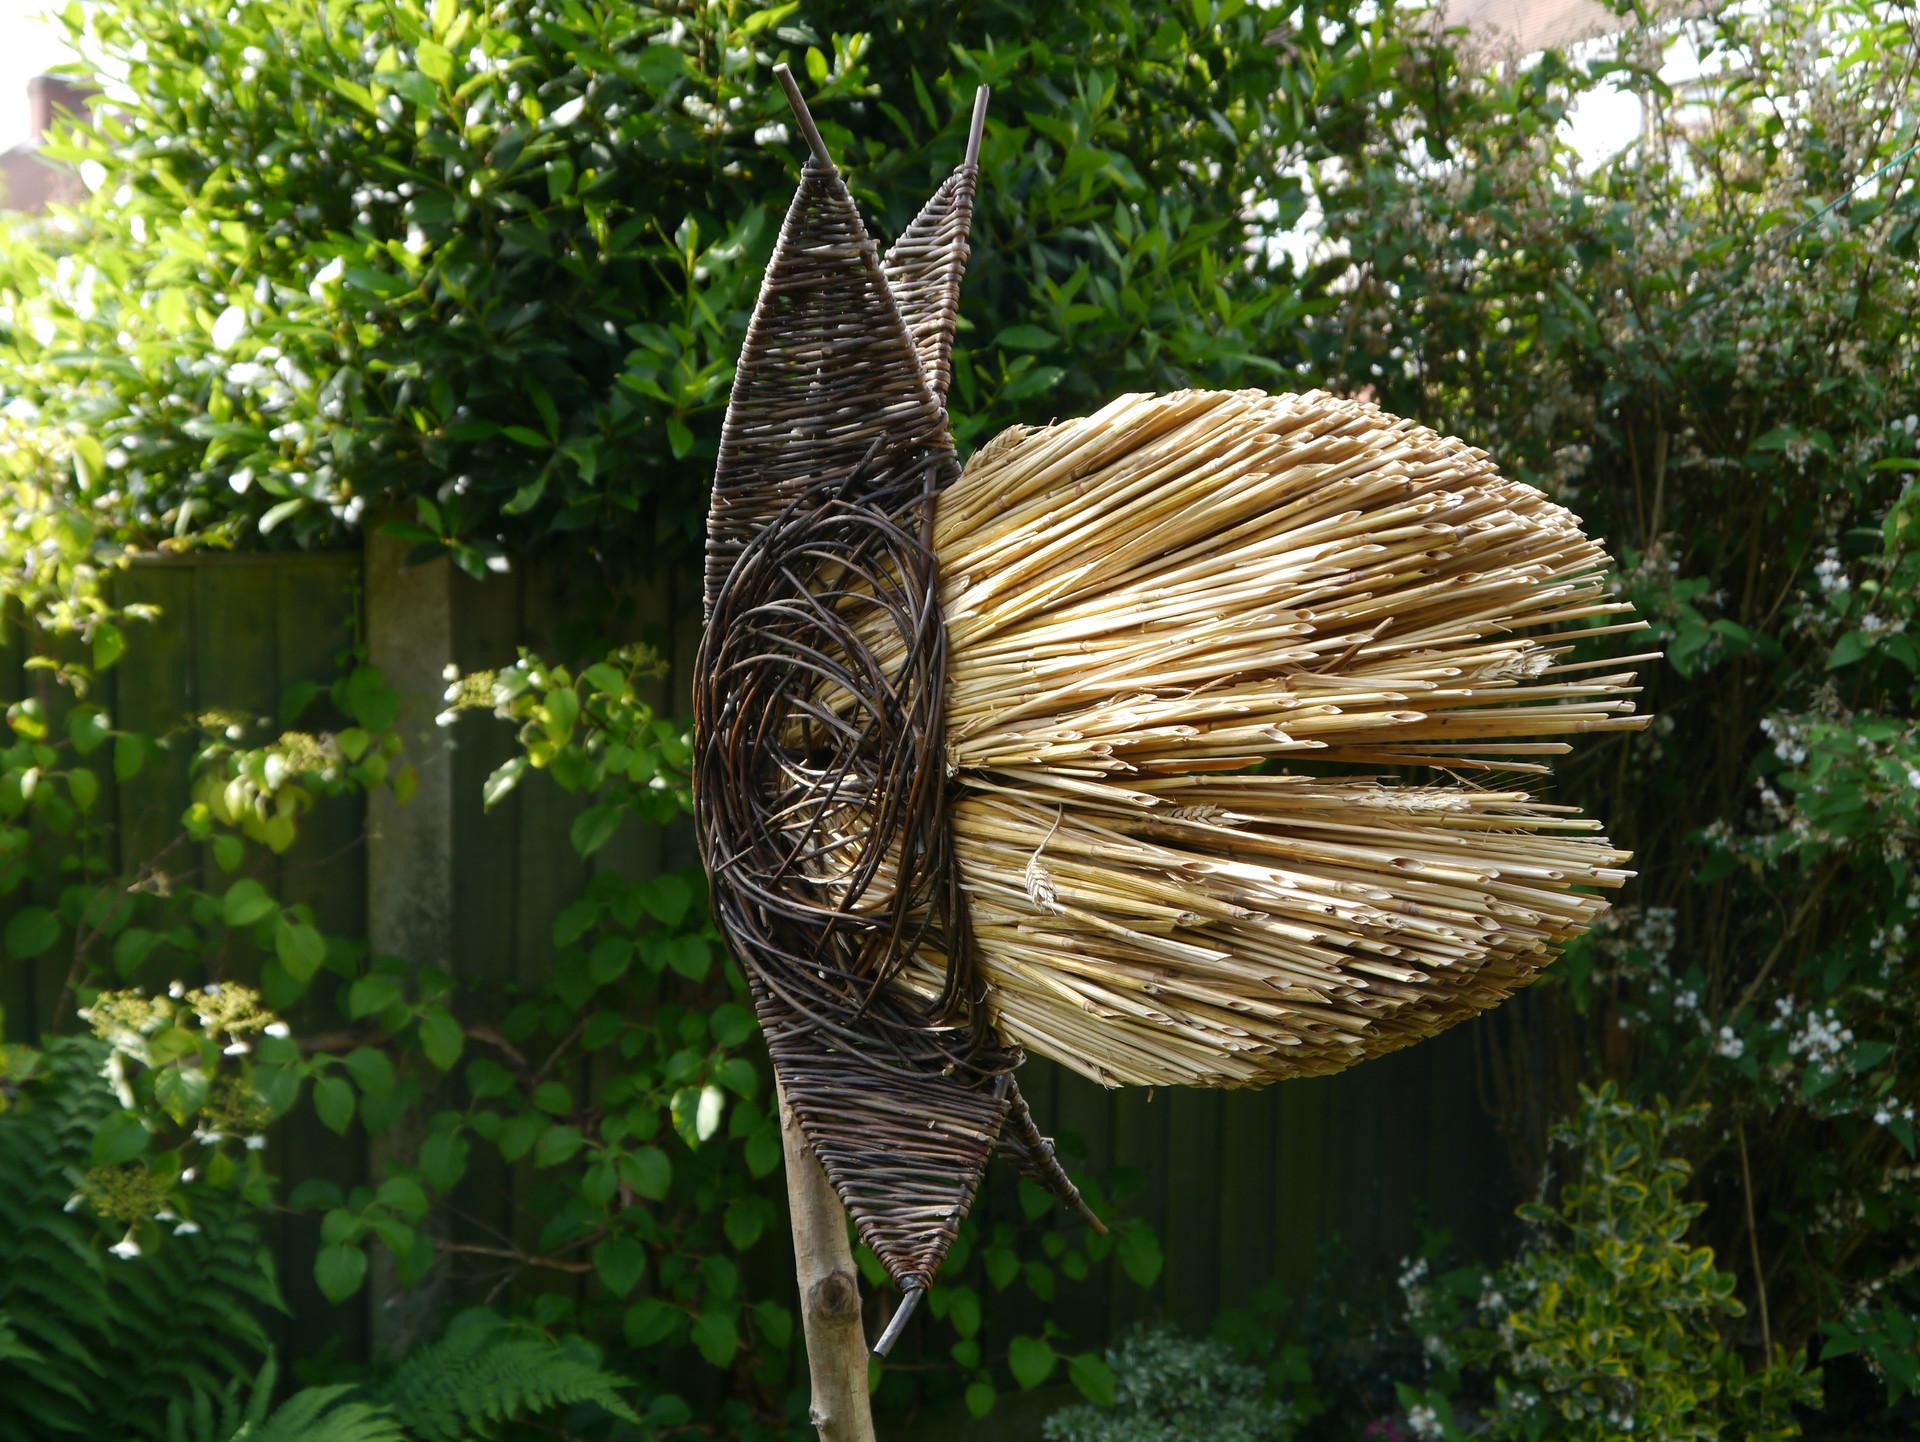 Jordan's_wild.willowstraw.sculpture_spen